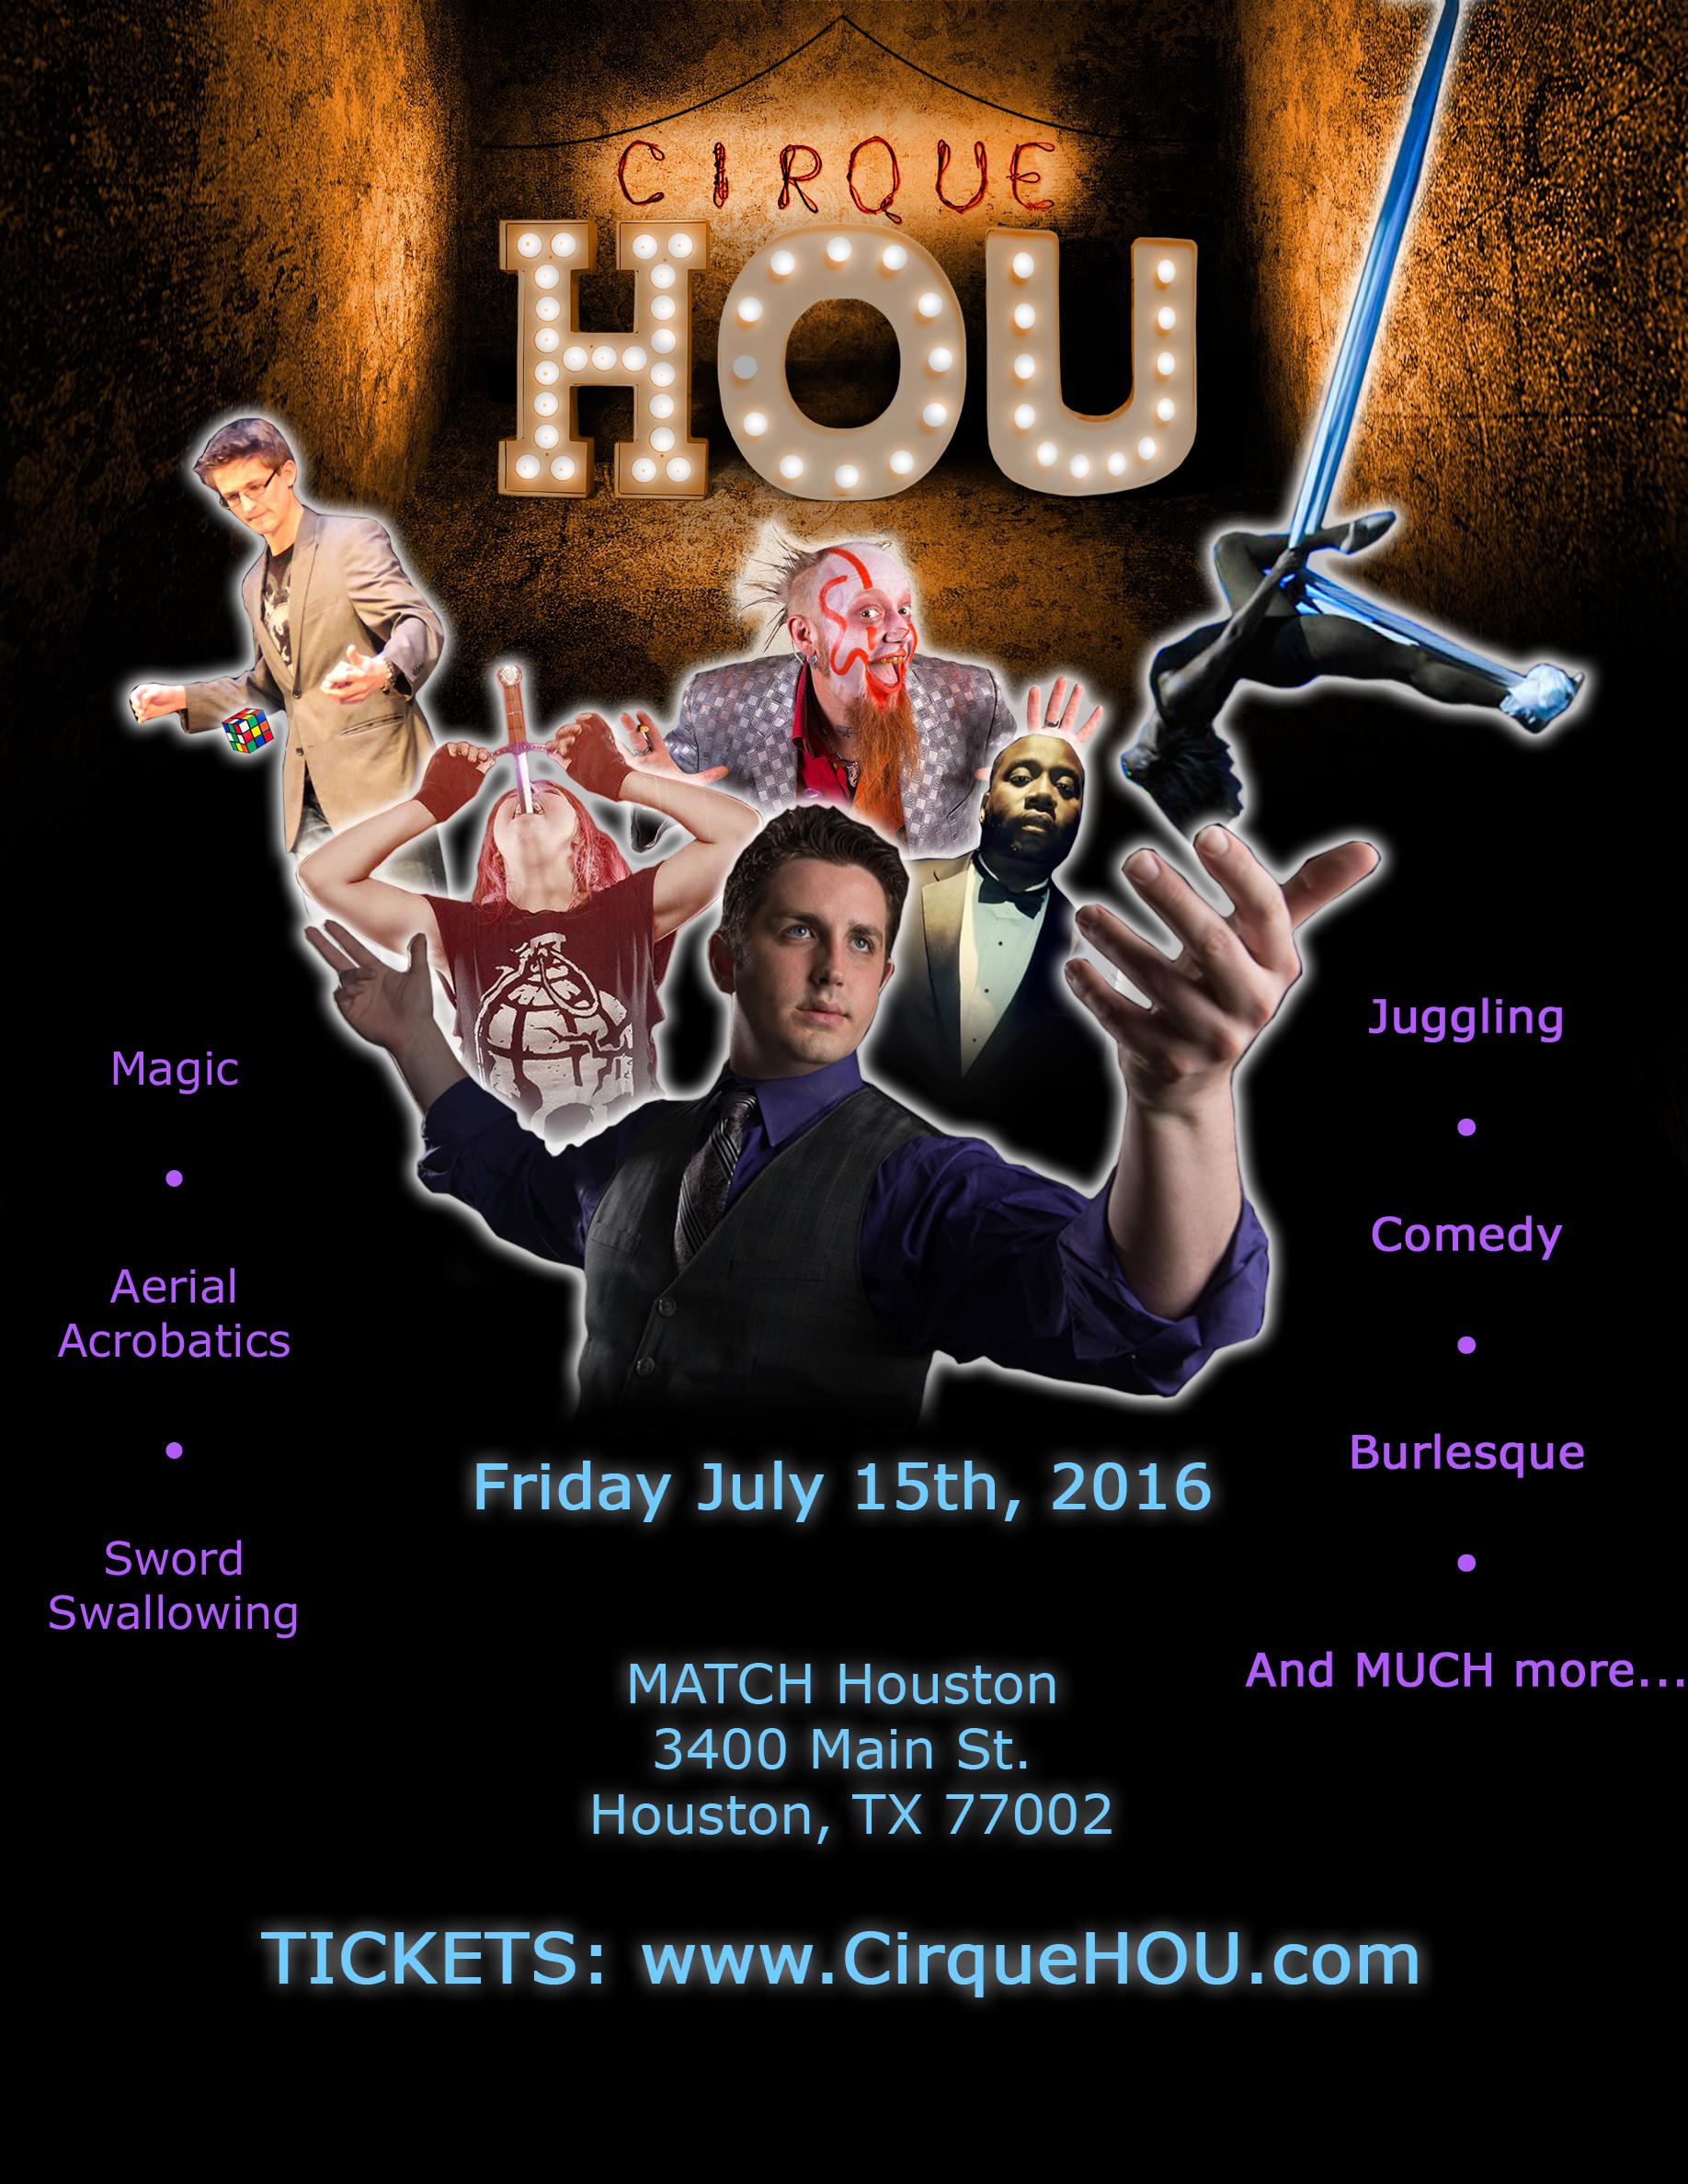 cirque-hou-houston-circus-2016